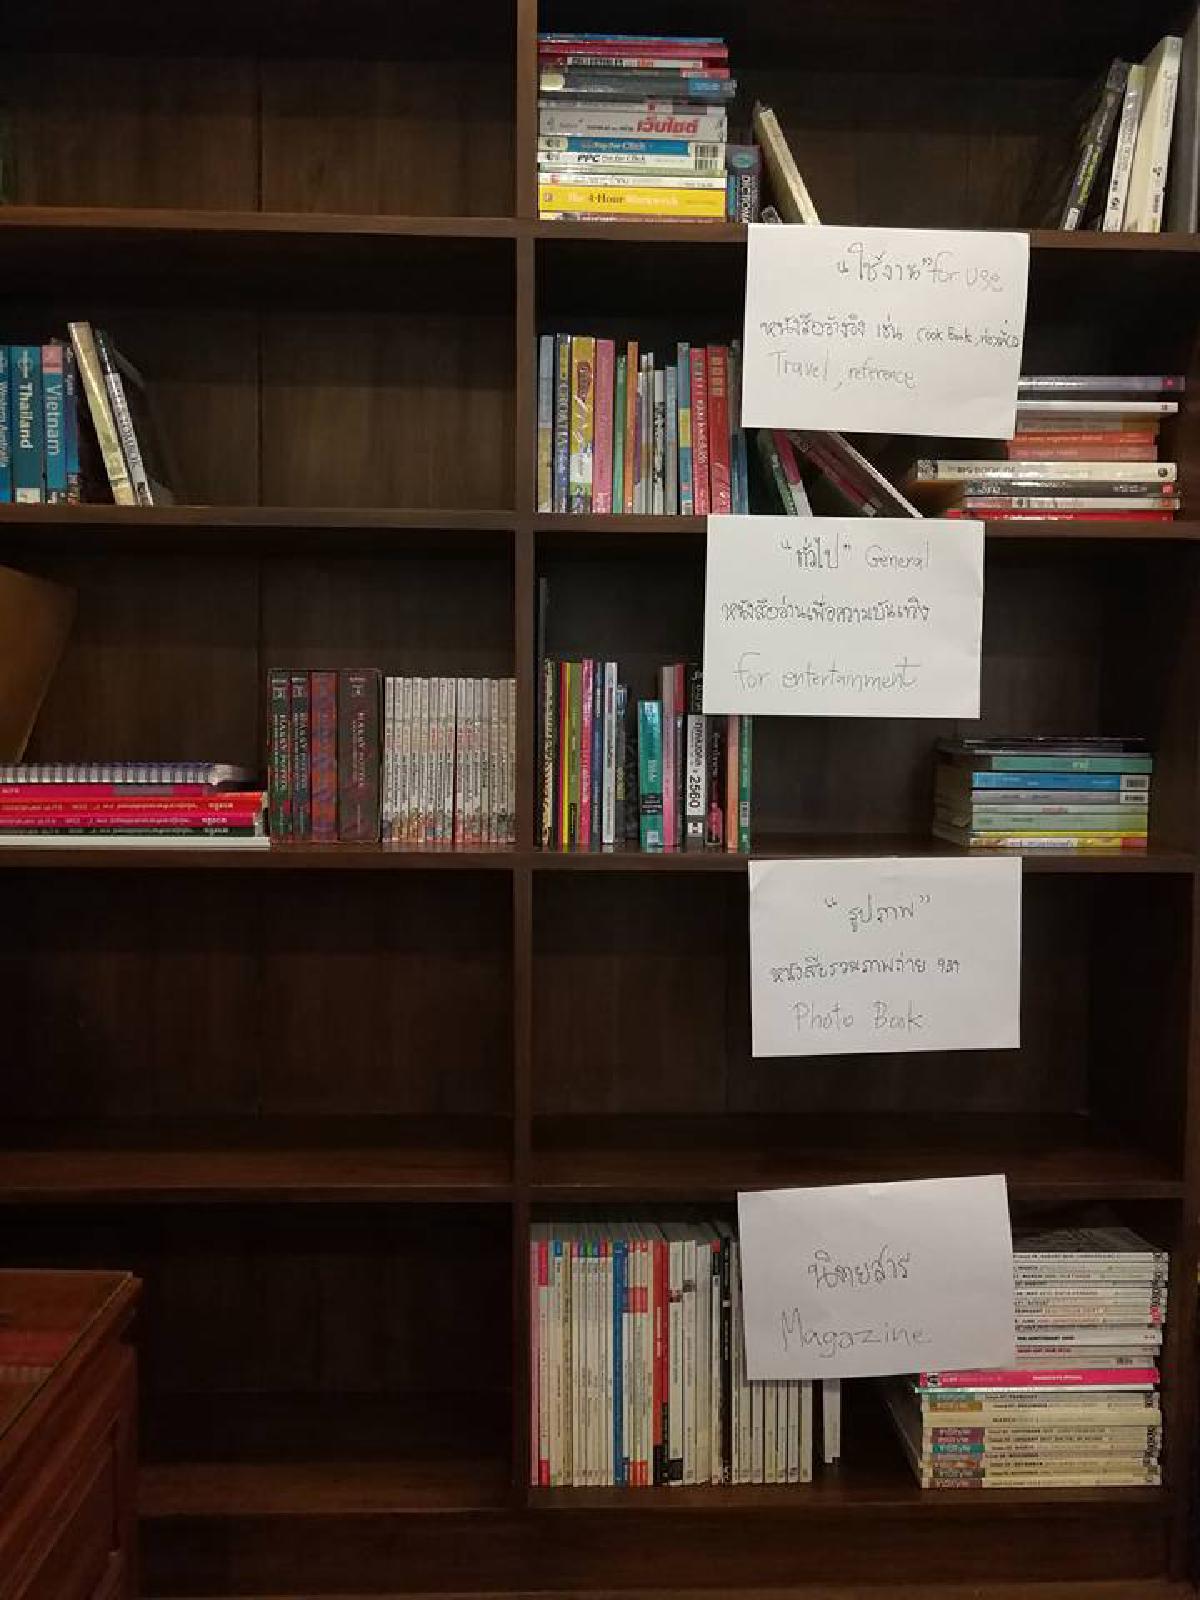 รีวิว การจัดห้องให้น่าอยู่ ตามวิธี KonMari Method (คนมาริ) จากญี่ปุ่น!